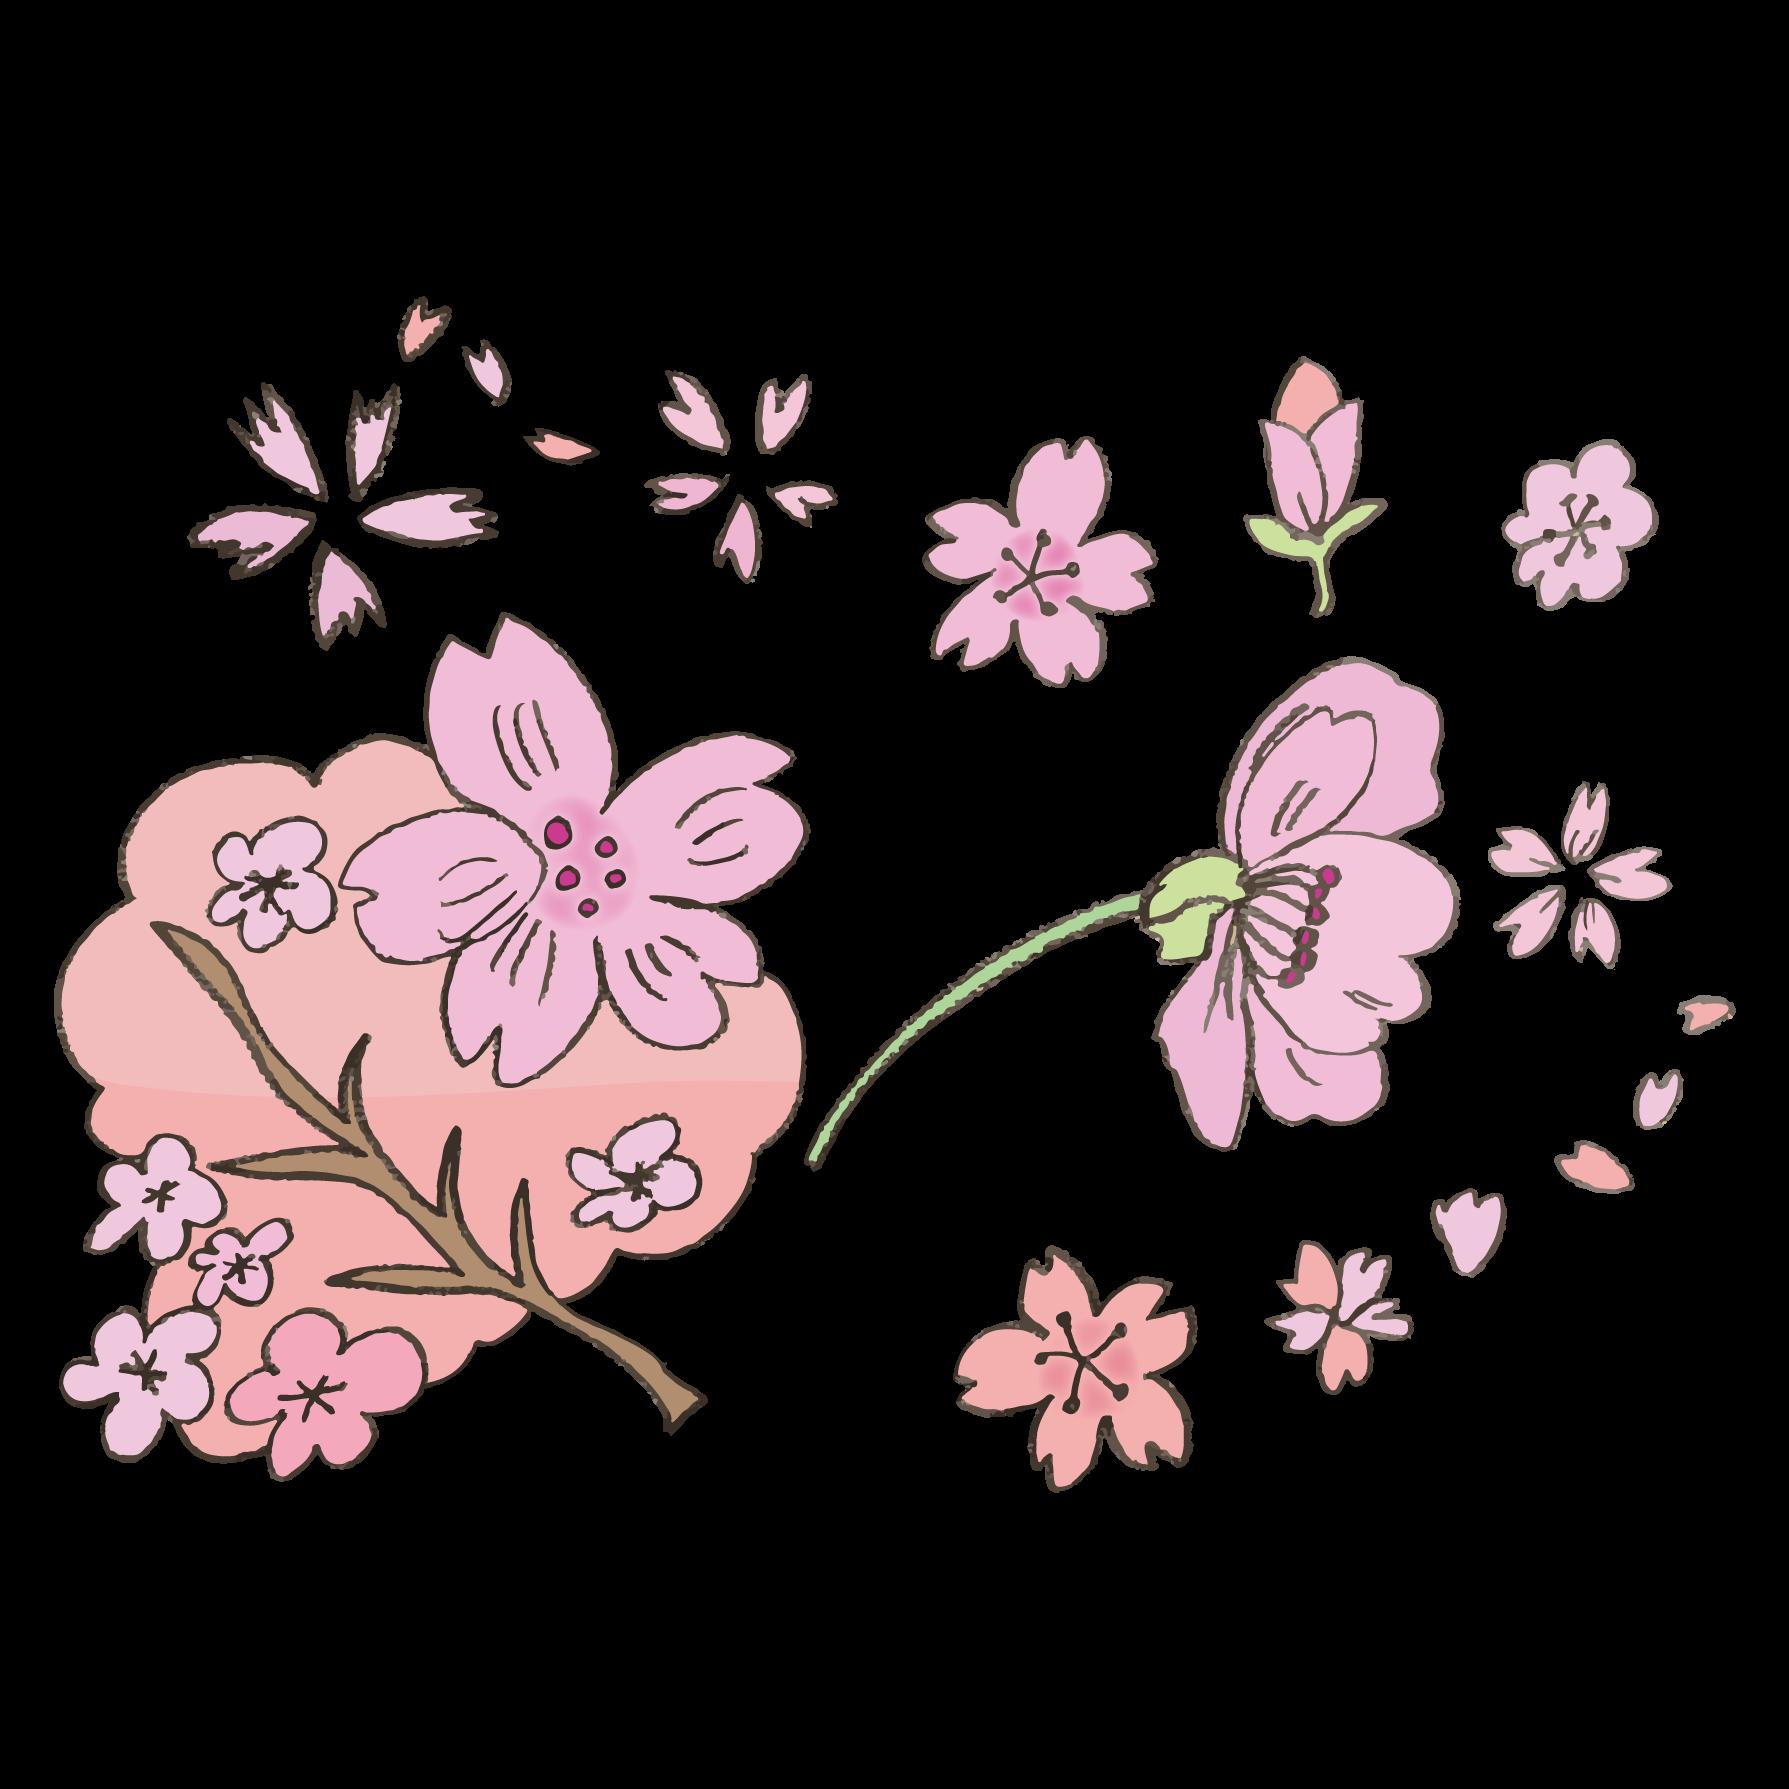 かわいい桜サクラさくら の 手書き 無料 イラスト 商用